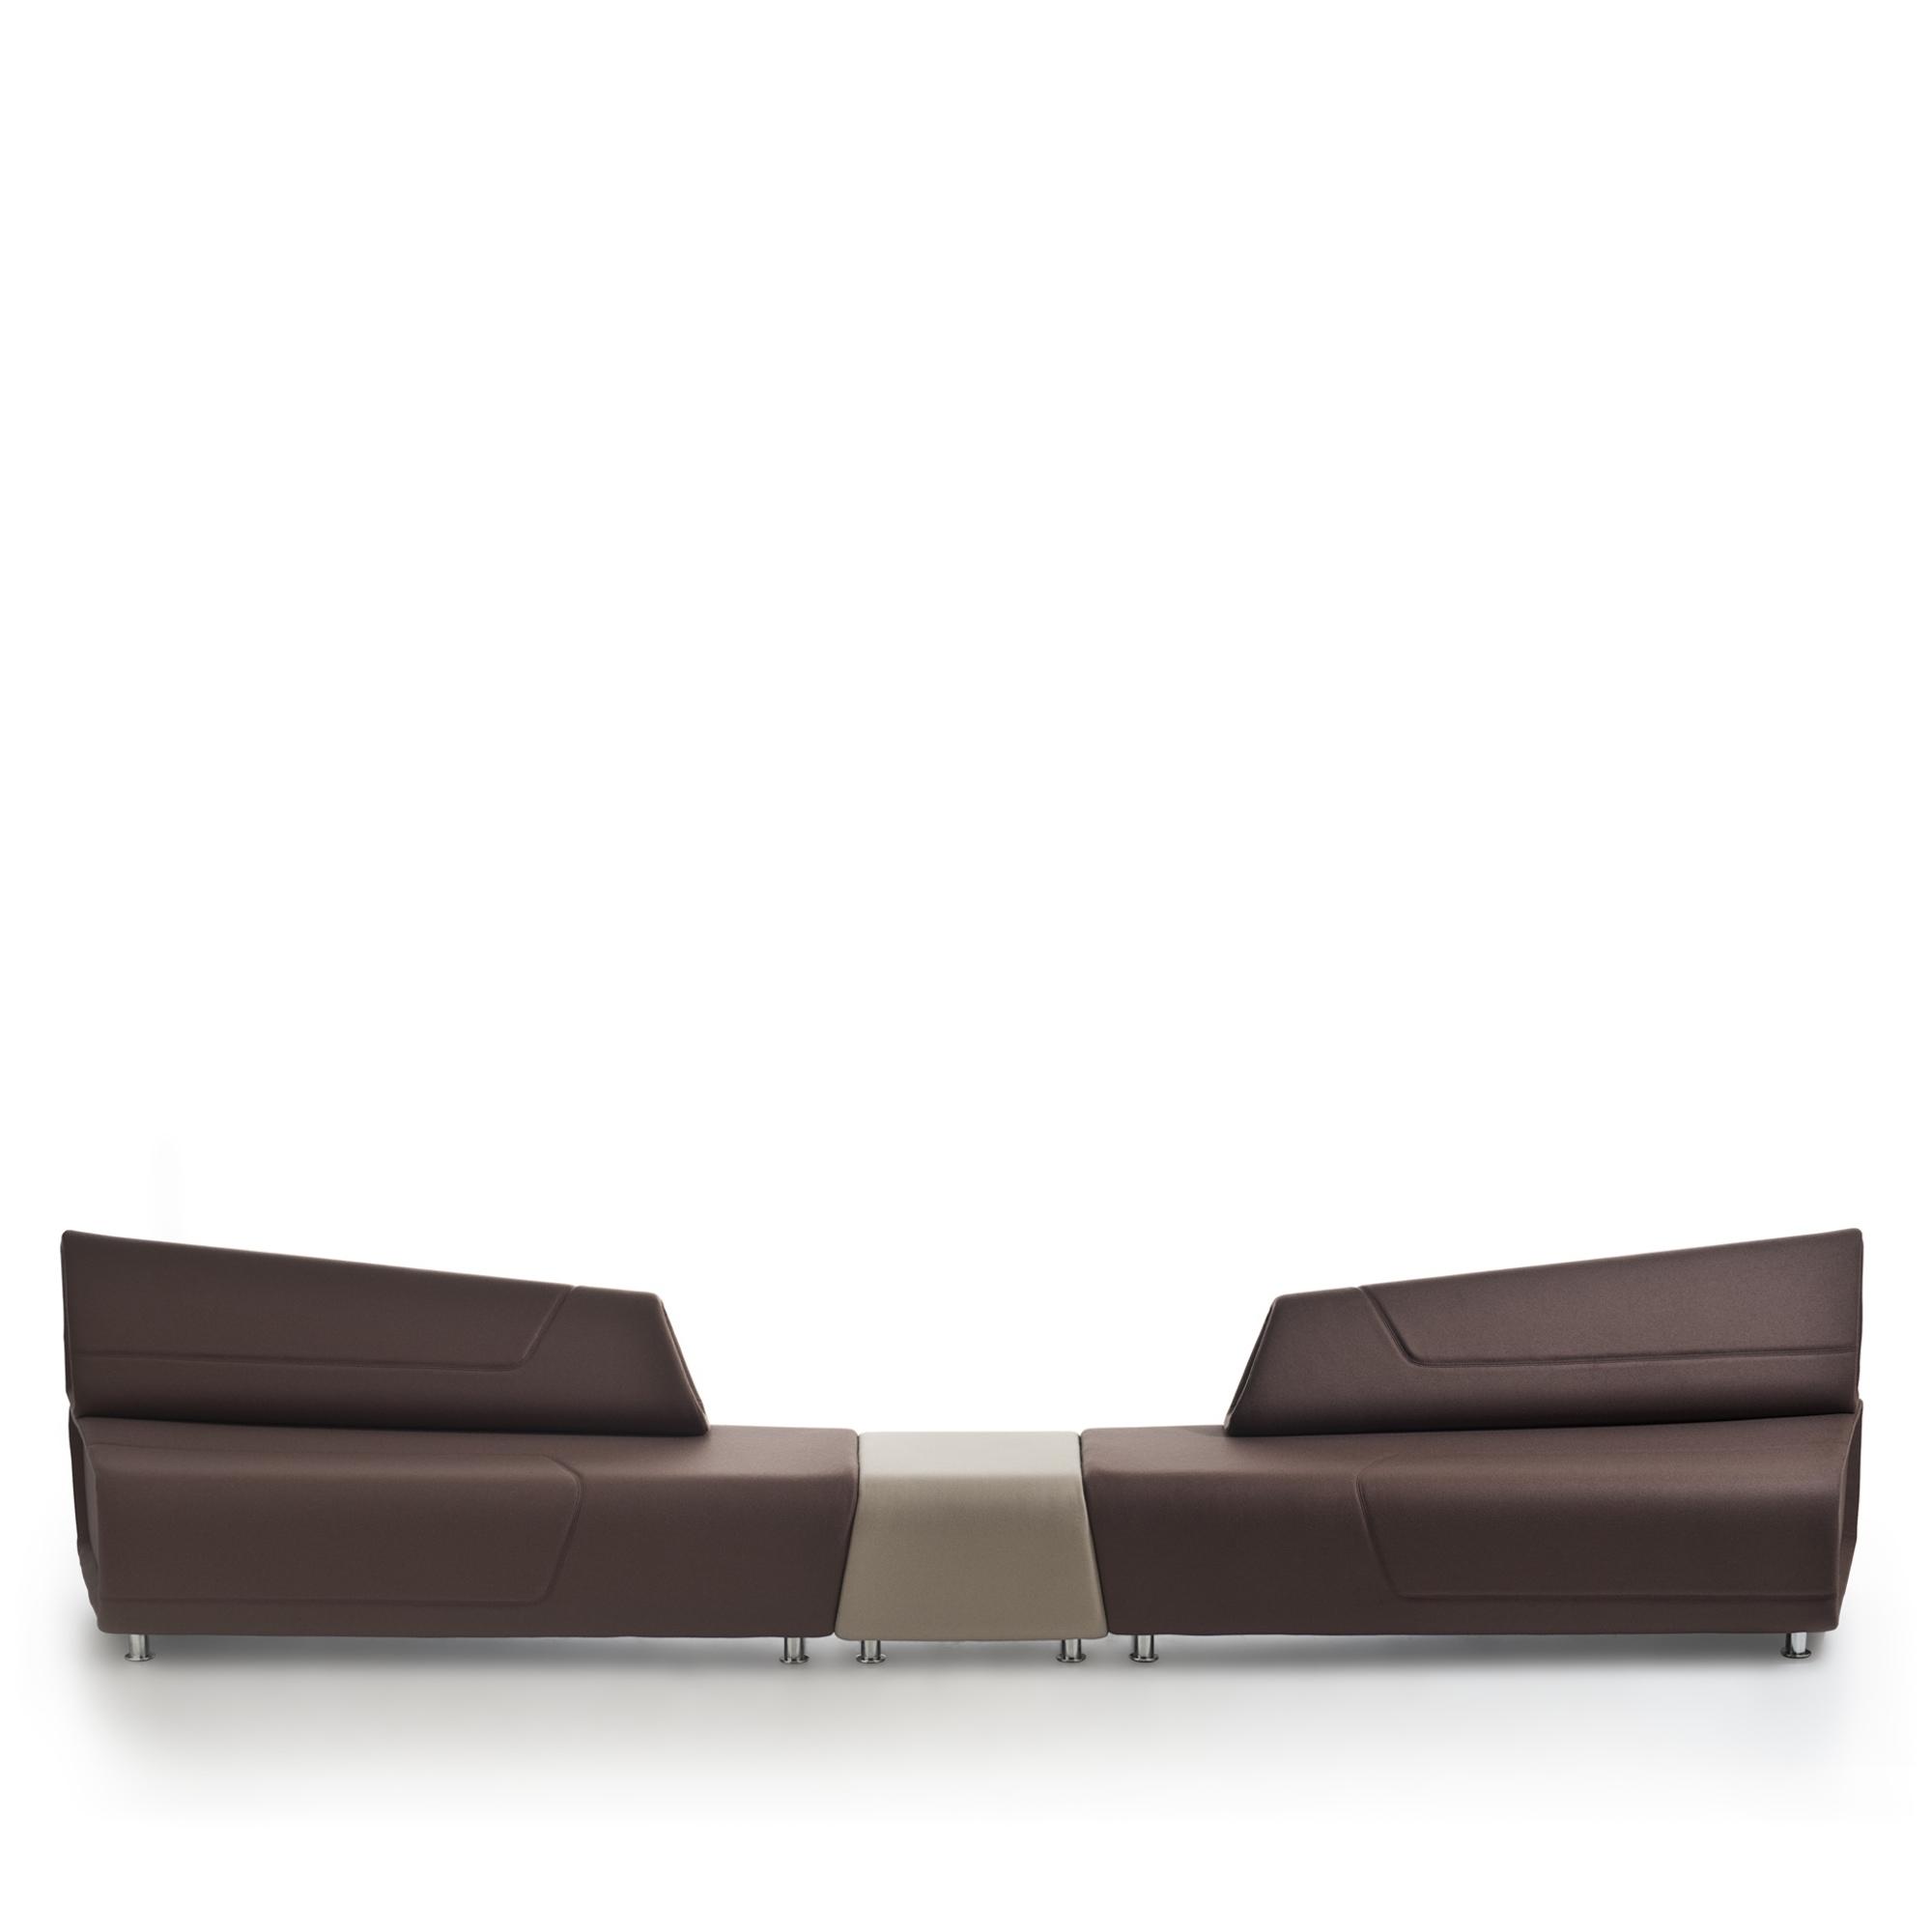 kastel kaleido eckelement ohne r ckenlehne sofas lounge empfangsm bel alle kategorien. Black Bedroom Furniture Sets. Home Design Ideas